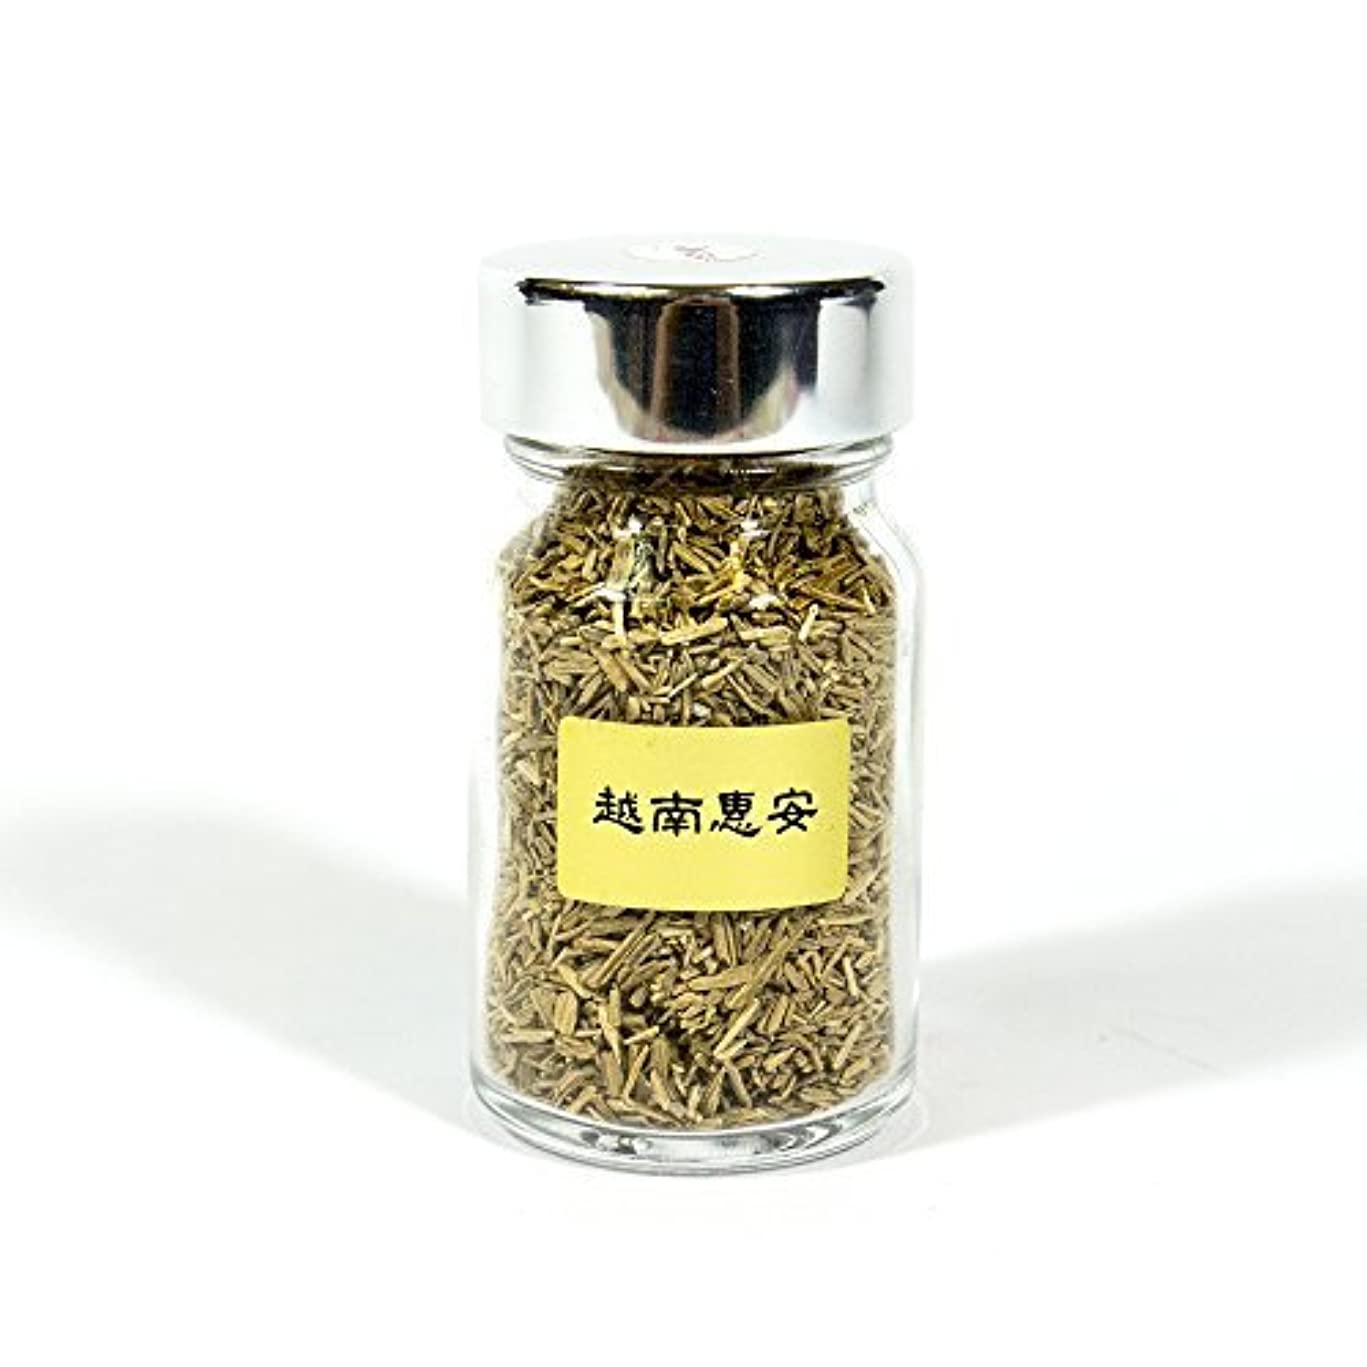 肩をすくめるモザイク遅いAgarwood Aloeswood Oud Chip Scrap Vietnam Hoi-An 10g Cultivated Suitable for Electric Burner by IncenseHouse -...